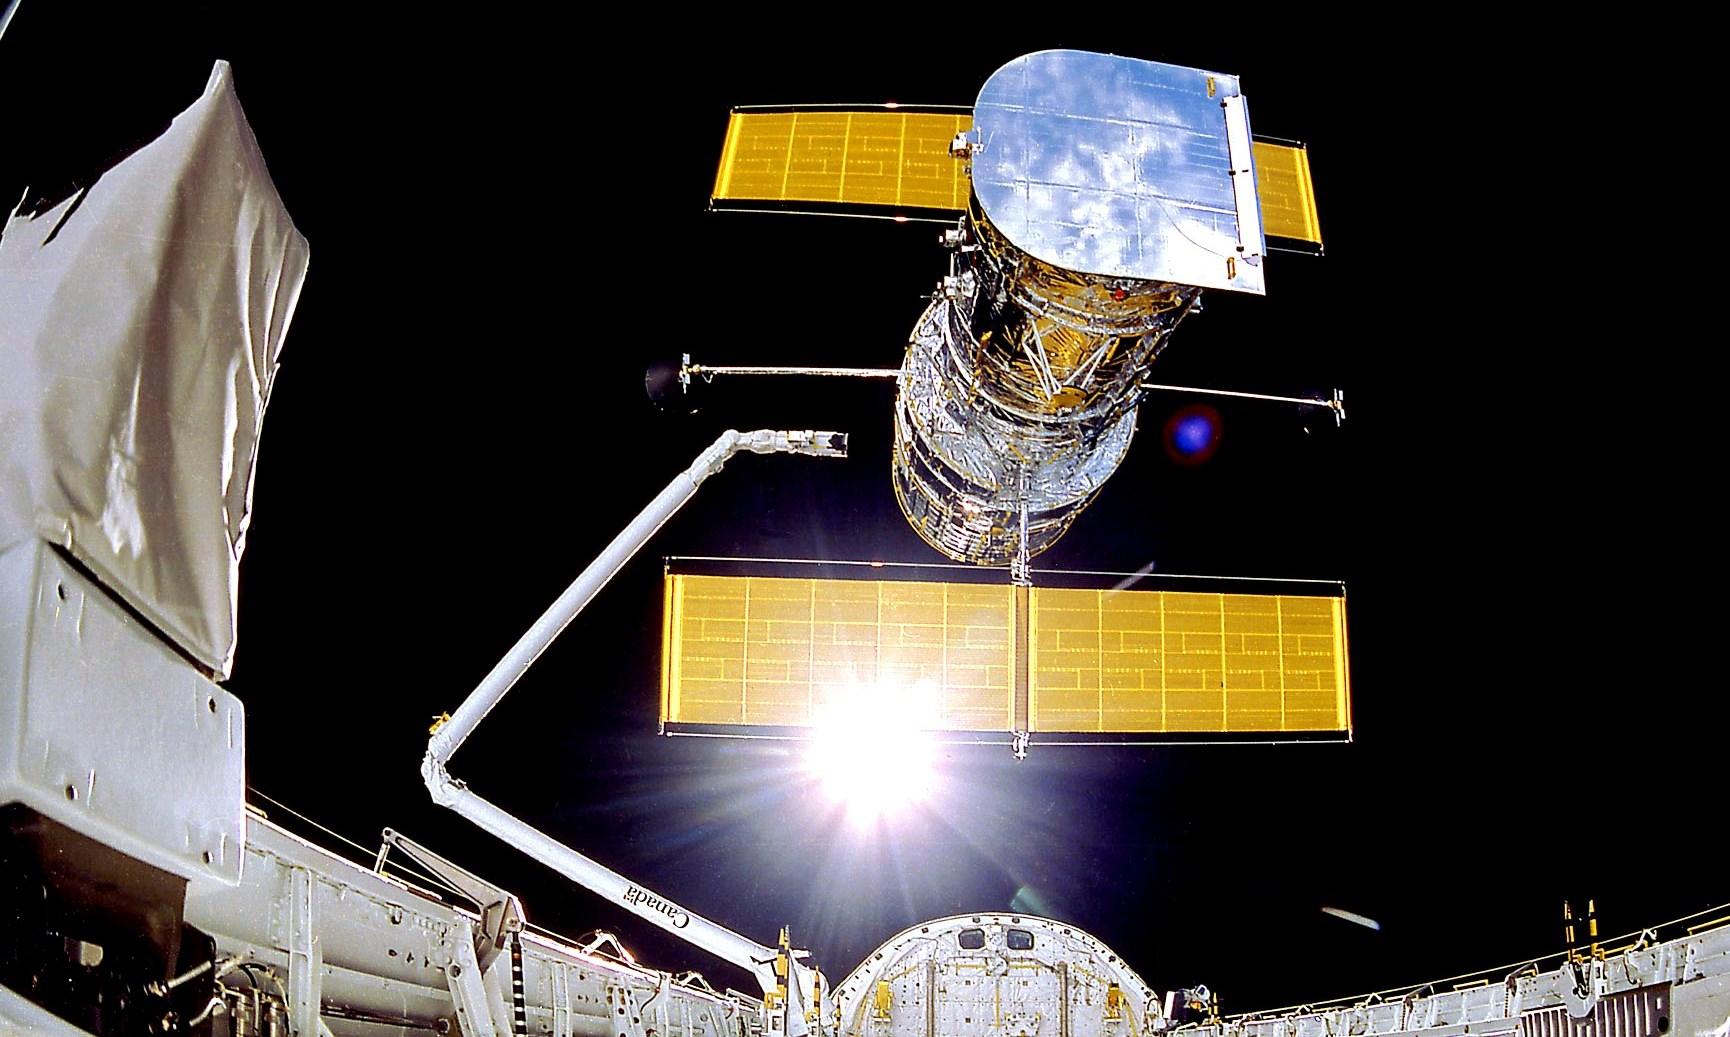 哈勃望遠鏡在發生故障停工一個多月後又從新開始運行。(NASA/Smithsonian Institution/Lockheed Corporation)